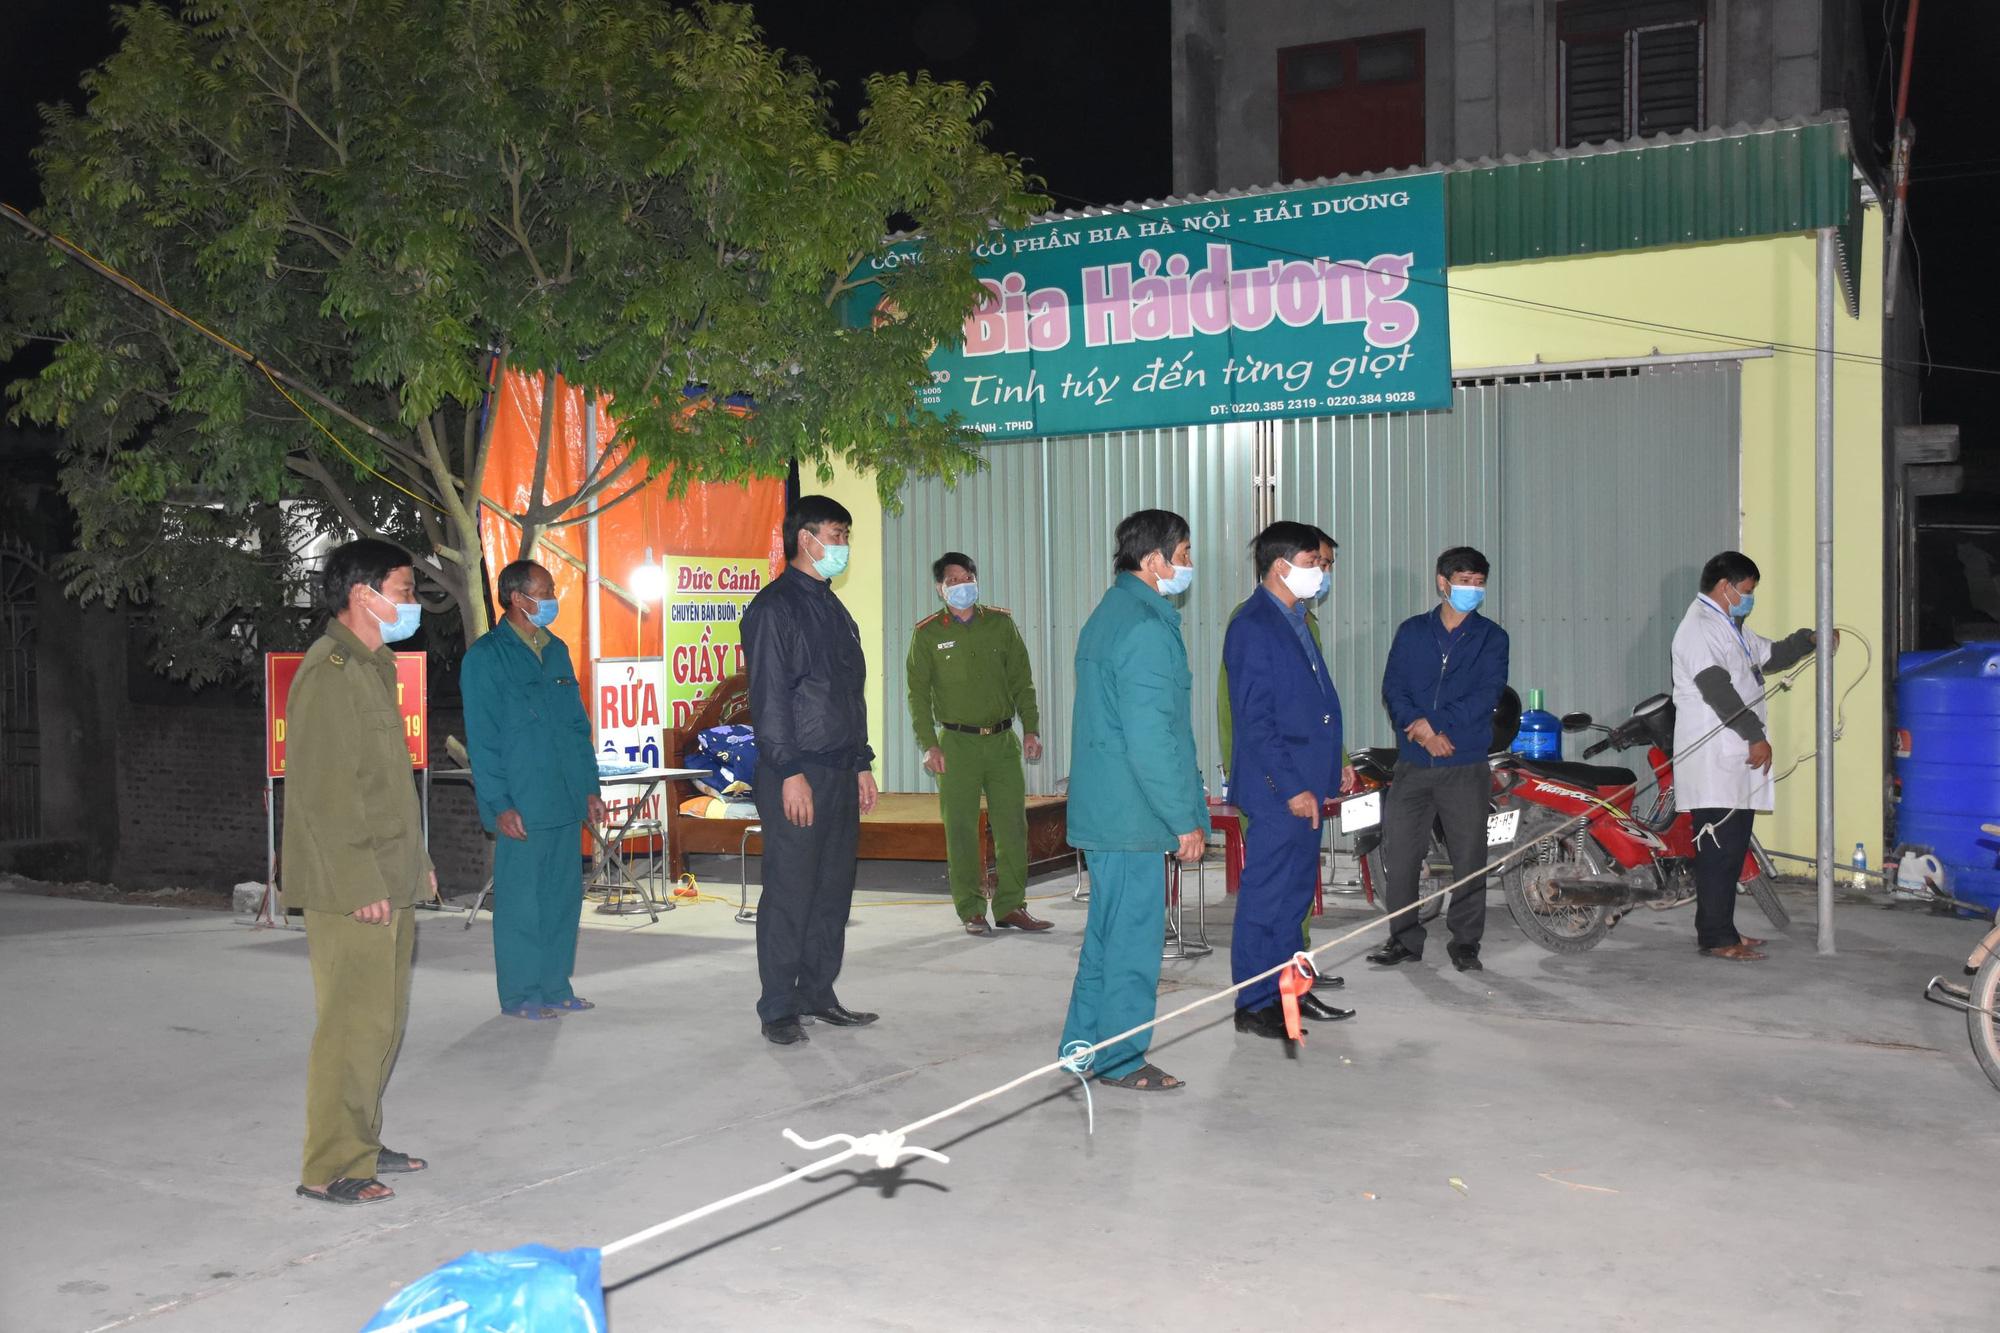 Hải Dương: Gỡ bỏ cách ly y tế 13 thôn, khu dân cư  - Ảnh 1.